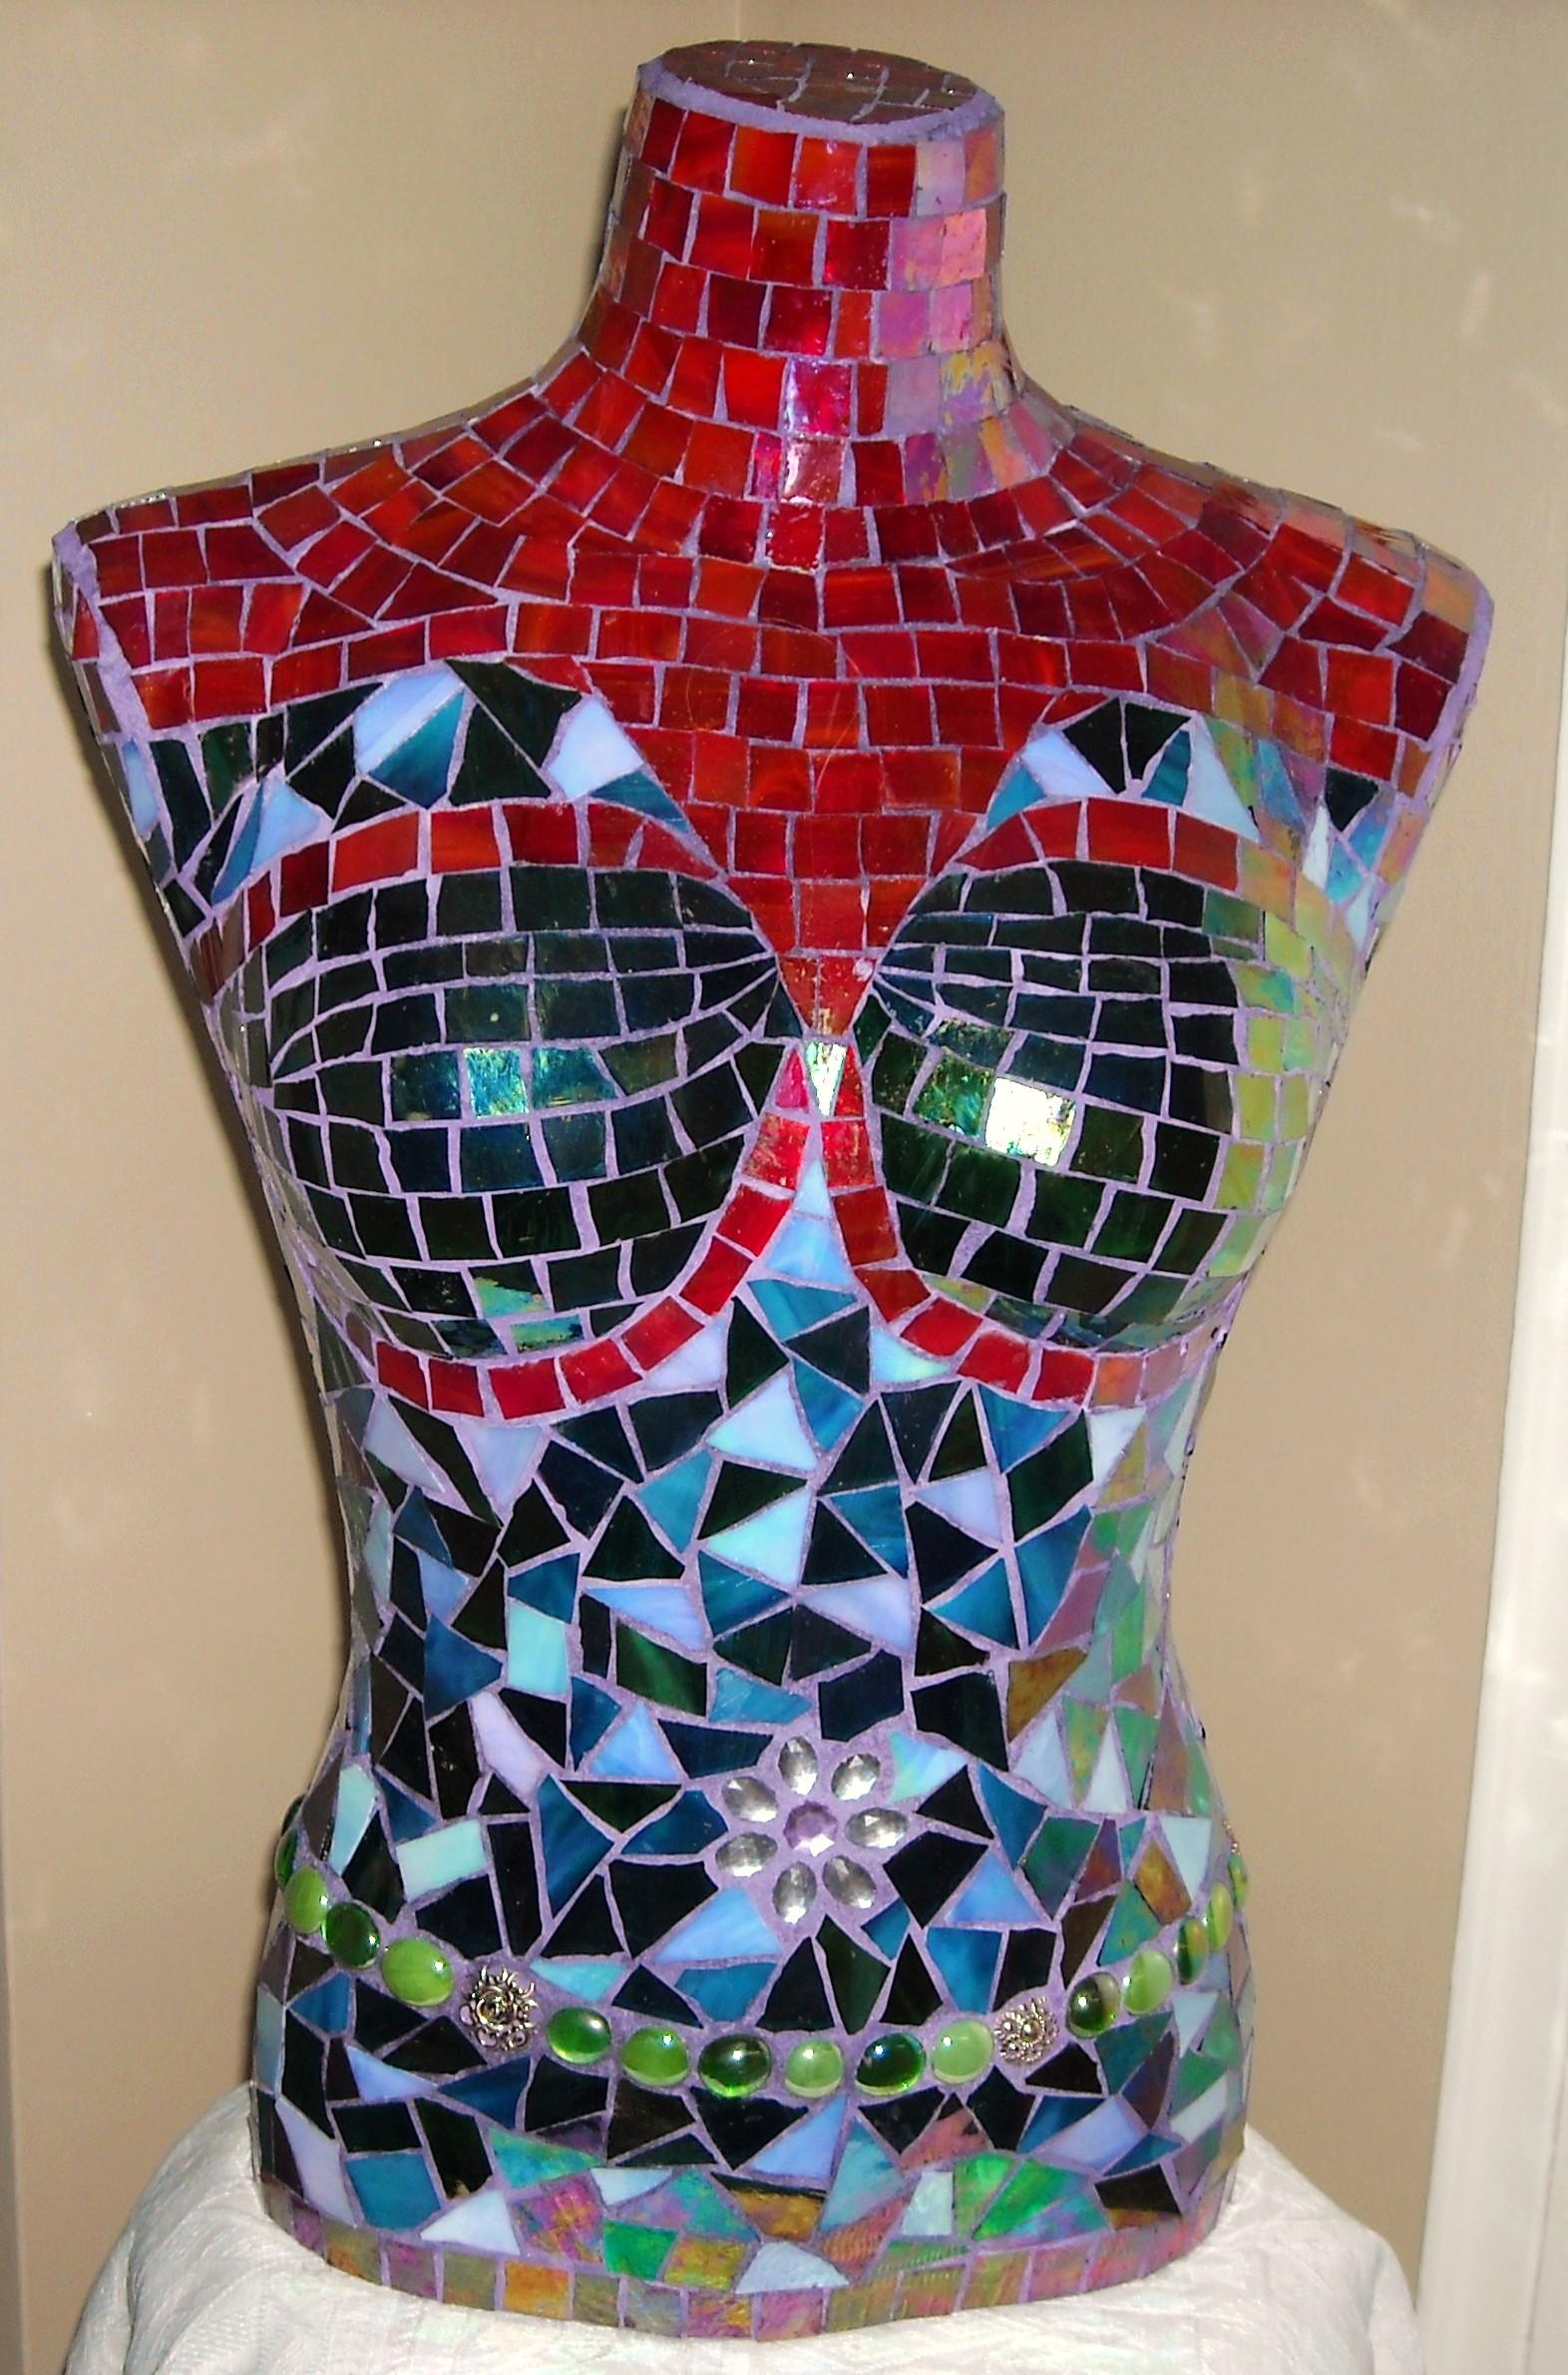 Mosaic torso